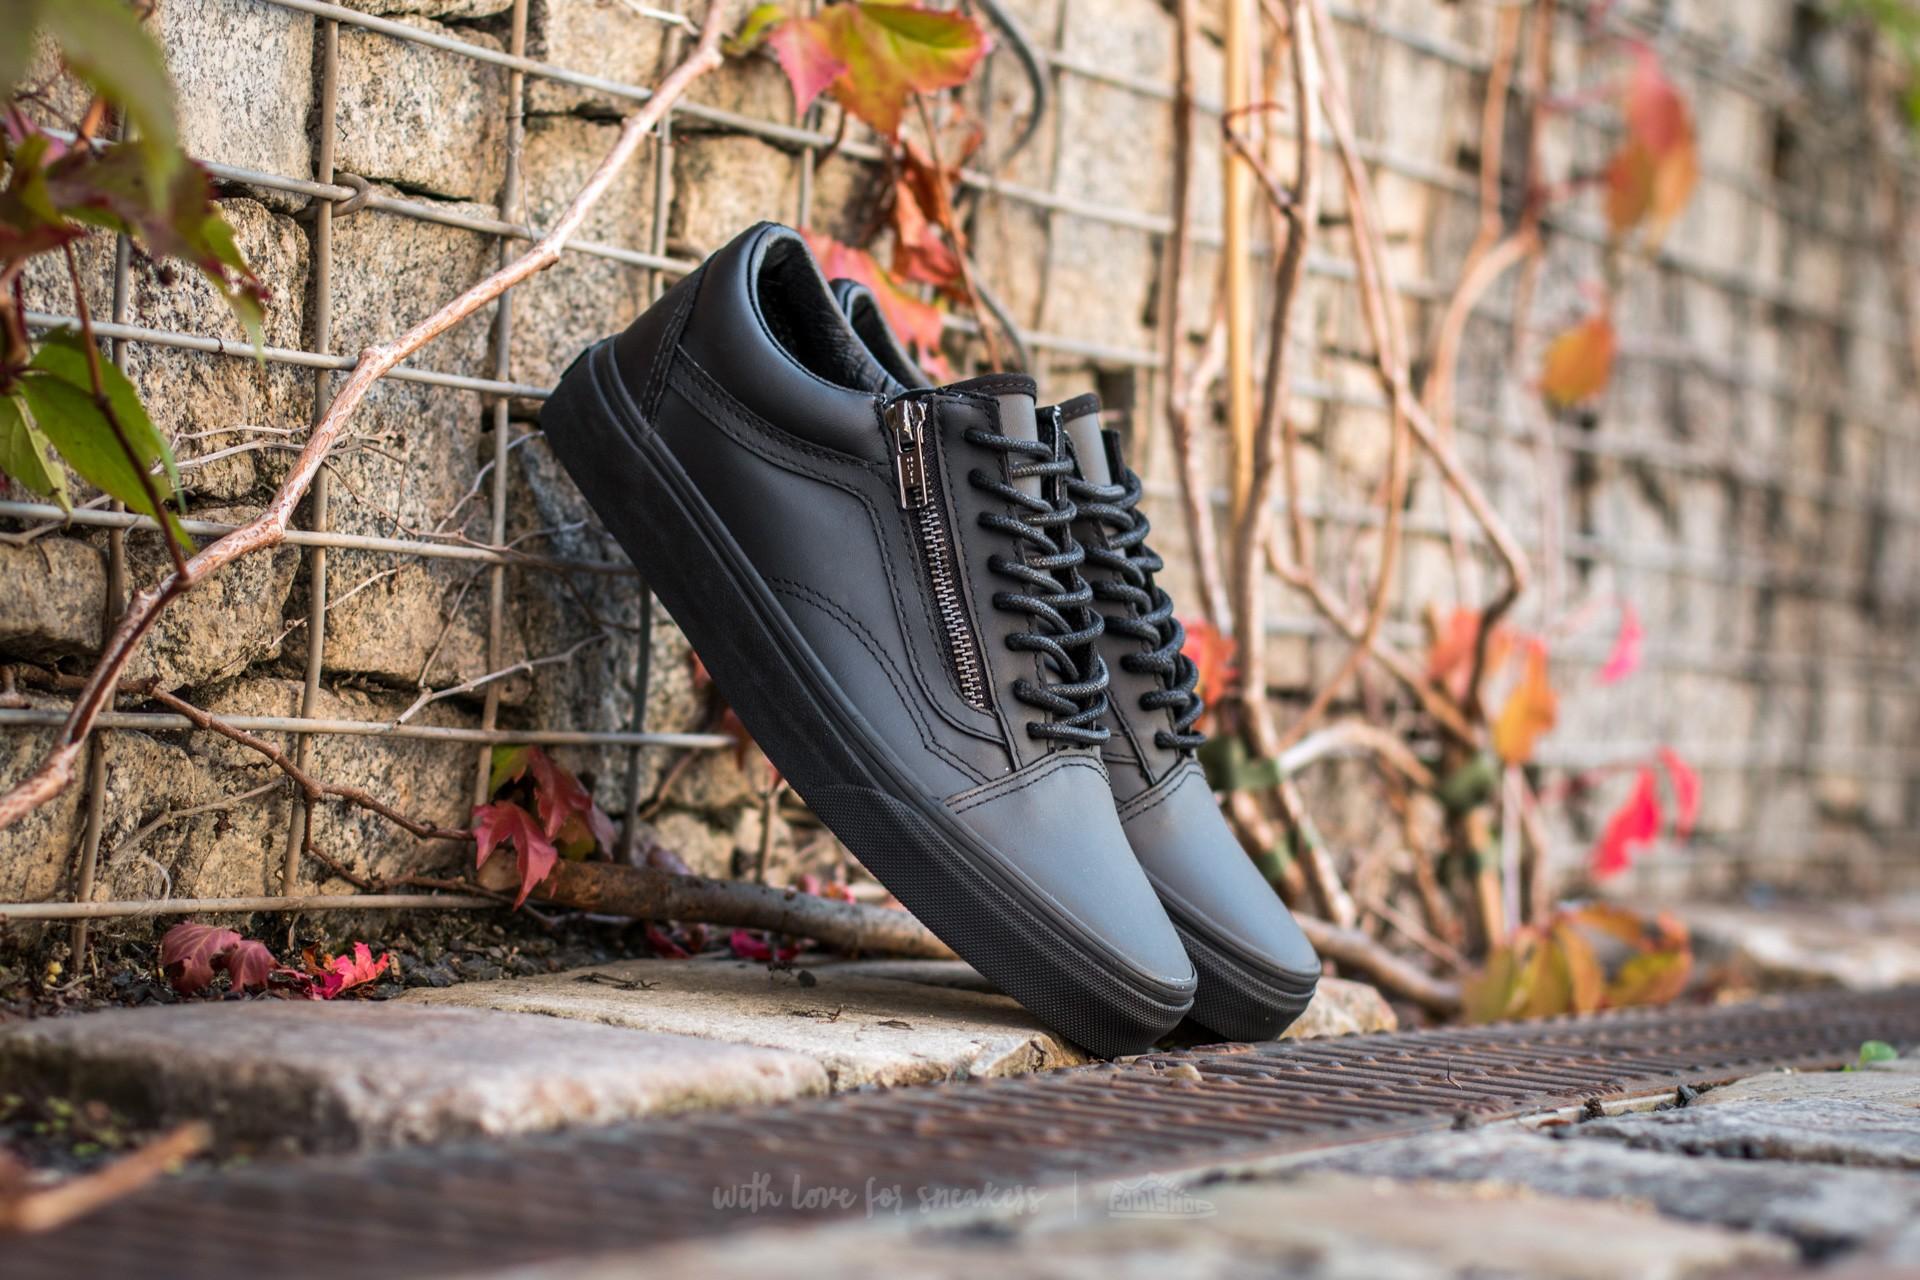 7eb9edff53 Vans Old Skool Zip (Gunmetal) Black  Black